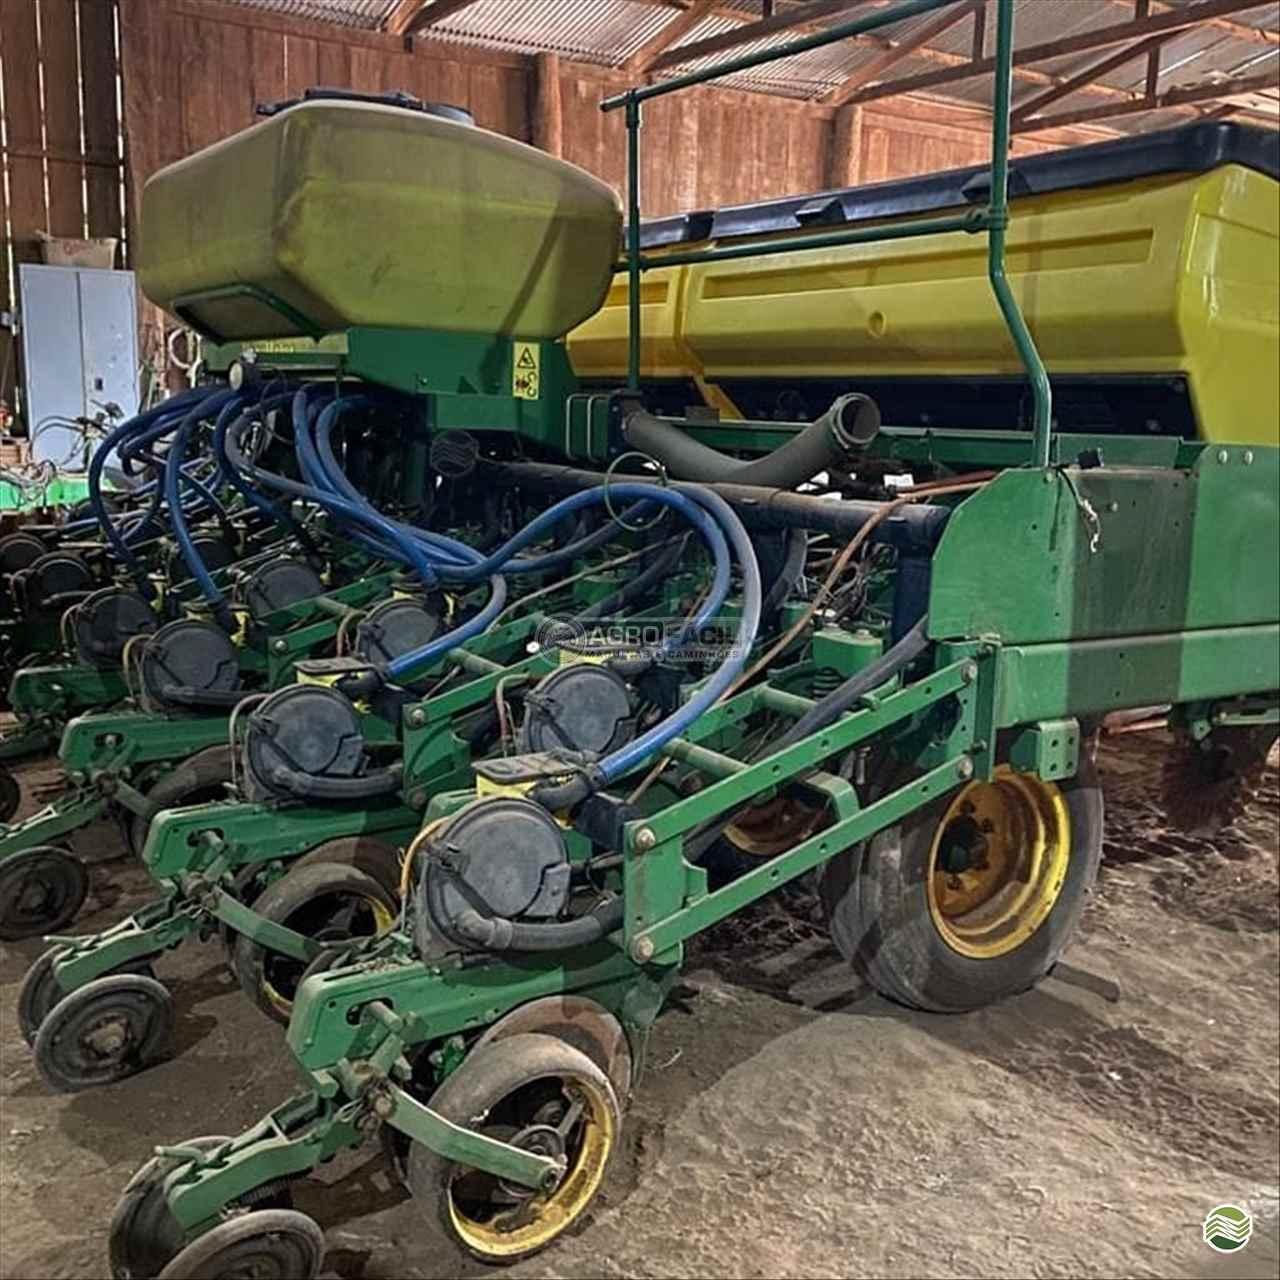 PLANTADEIRA JOHN DEERE PLANTADEIRAS 2126 Agro Fácil Máquinas PRIMAVERA DO LESTE MATO GROSSO MT